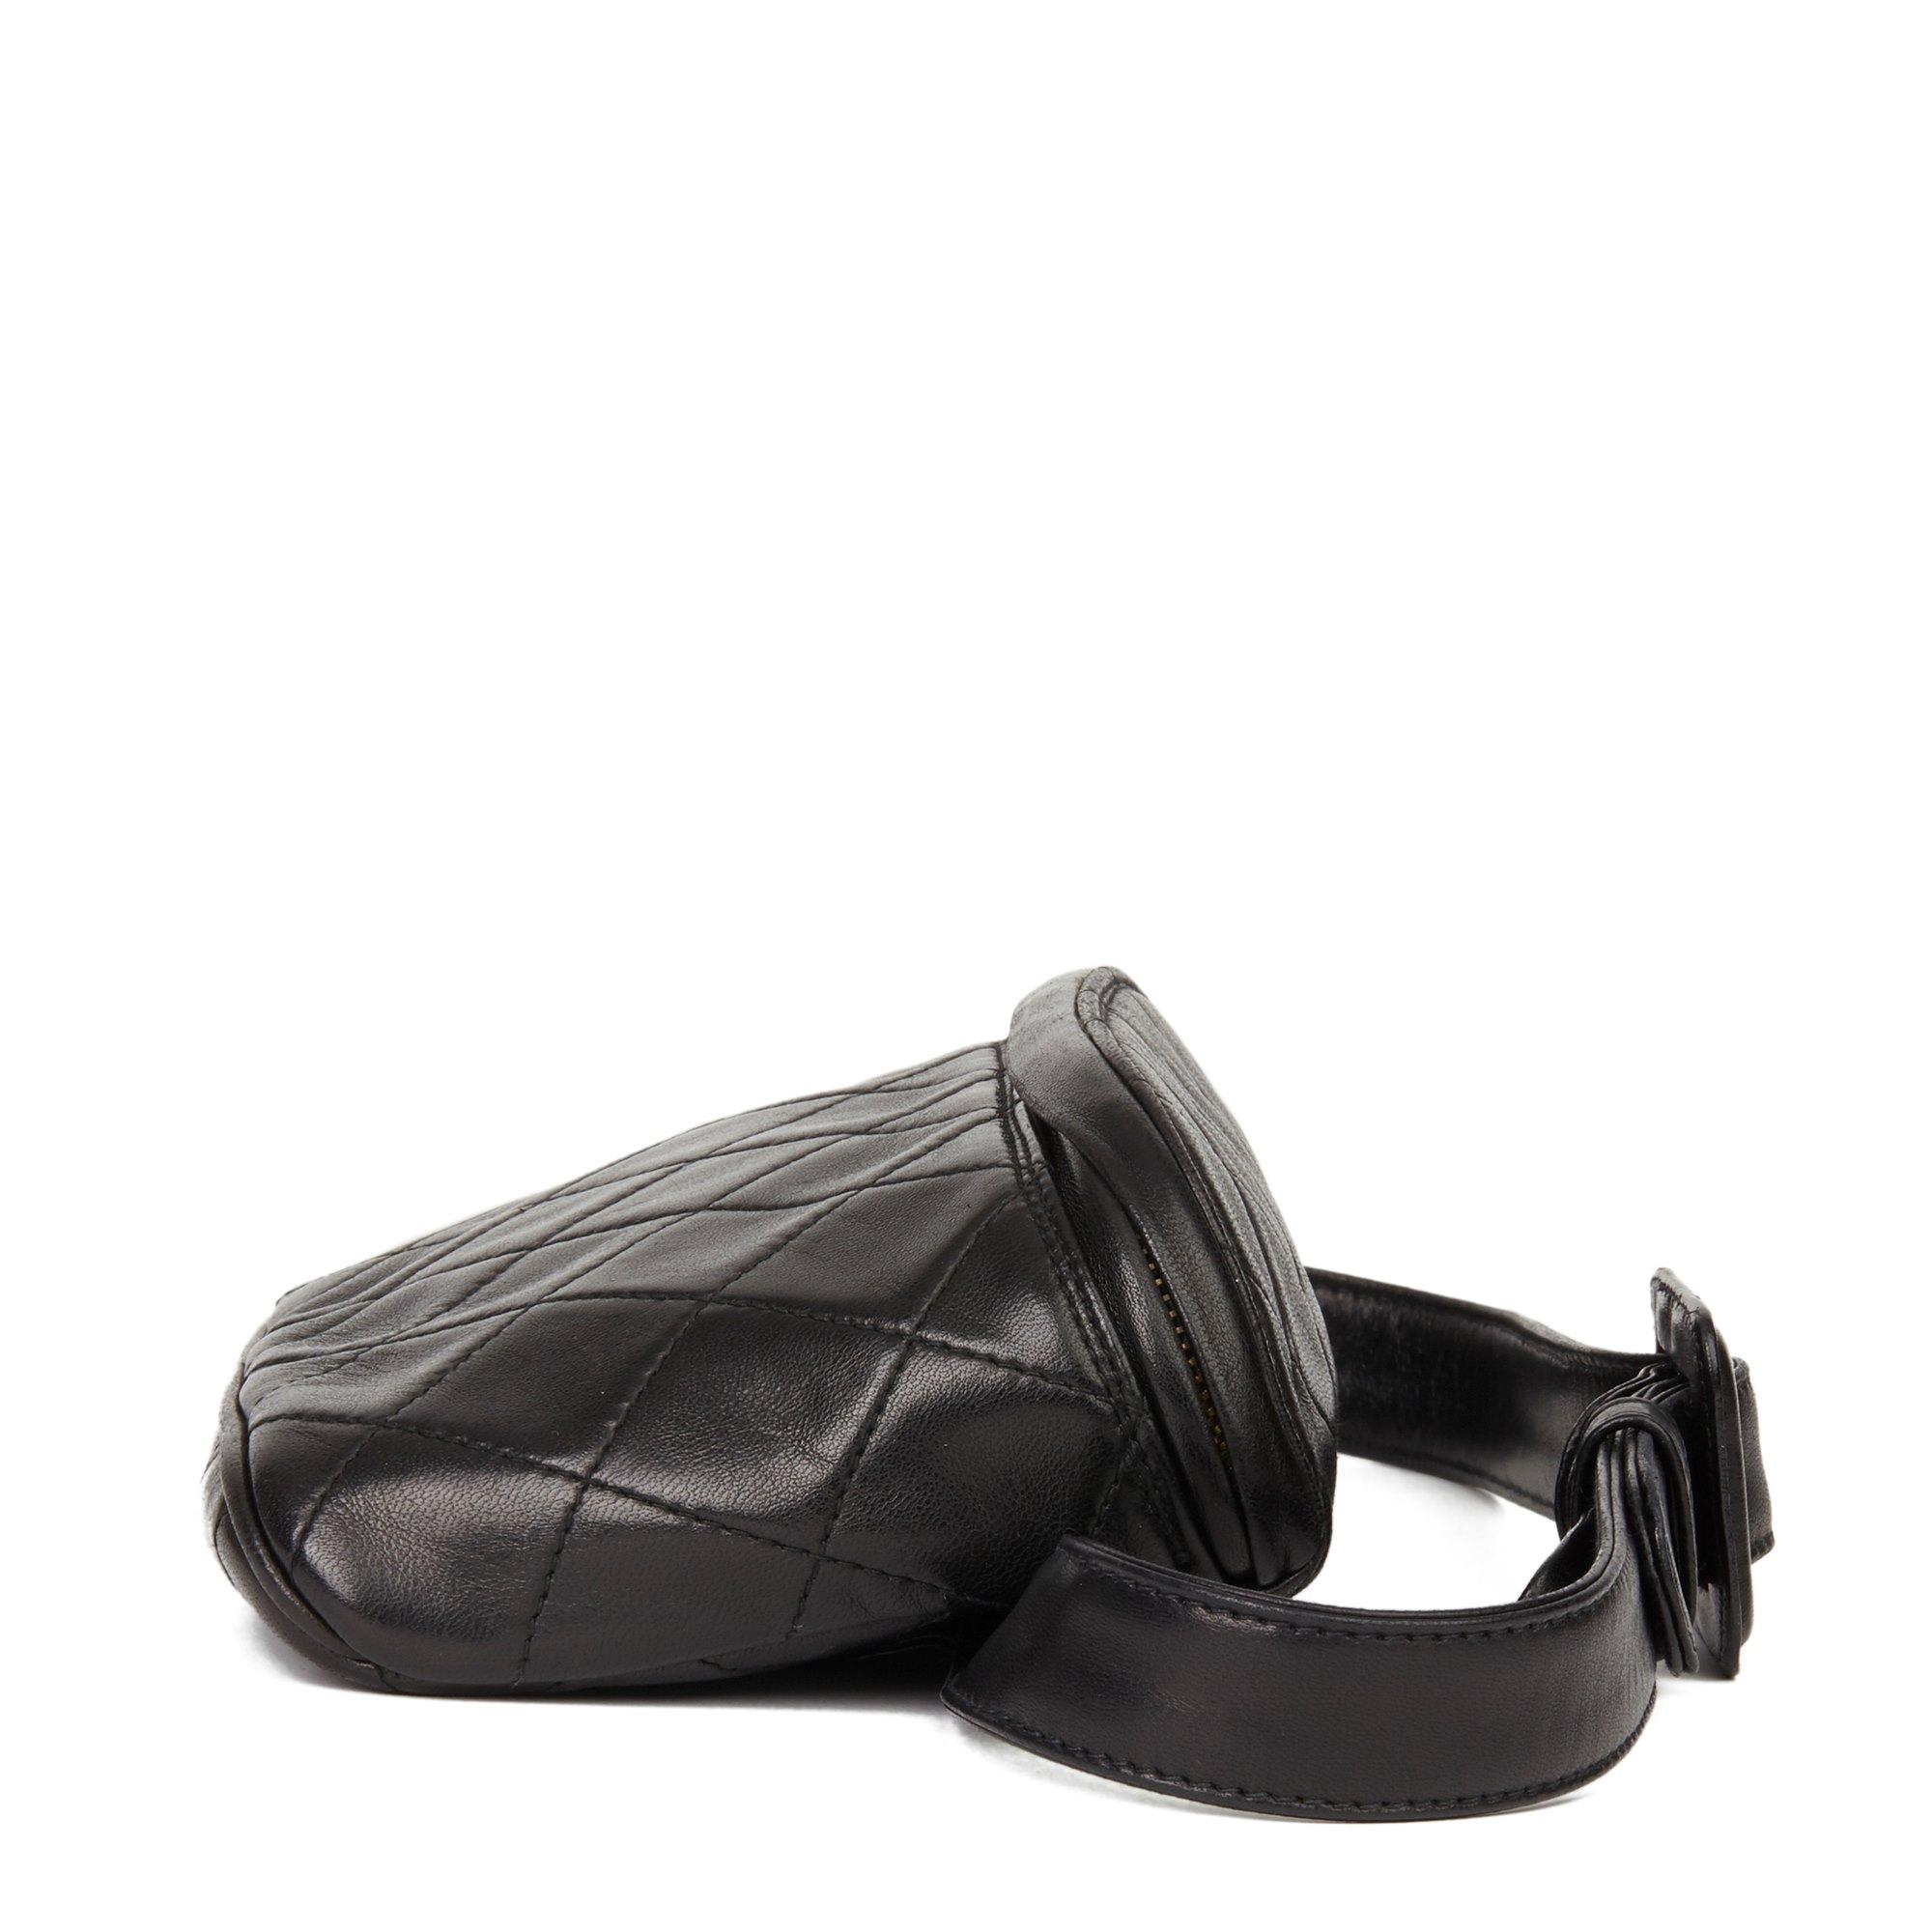 Chanel Black Quilted Lambskin Vintage Timeless Belt Bag